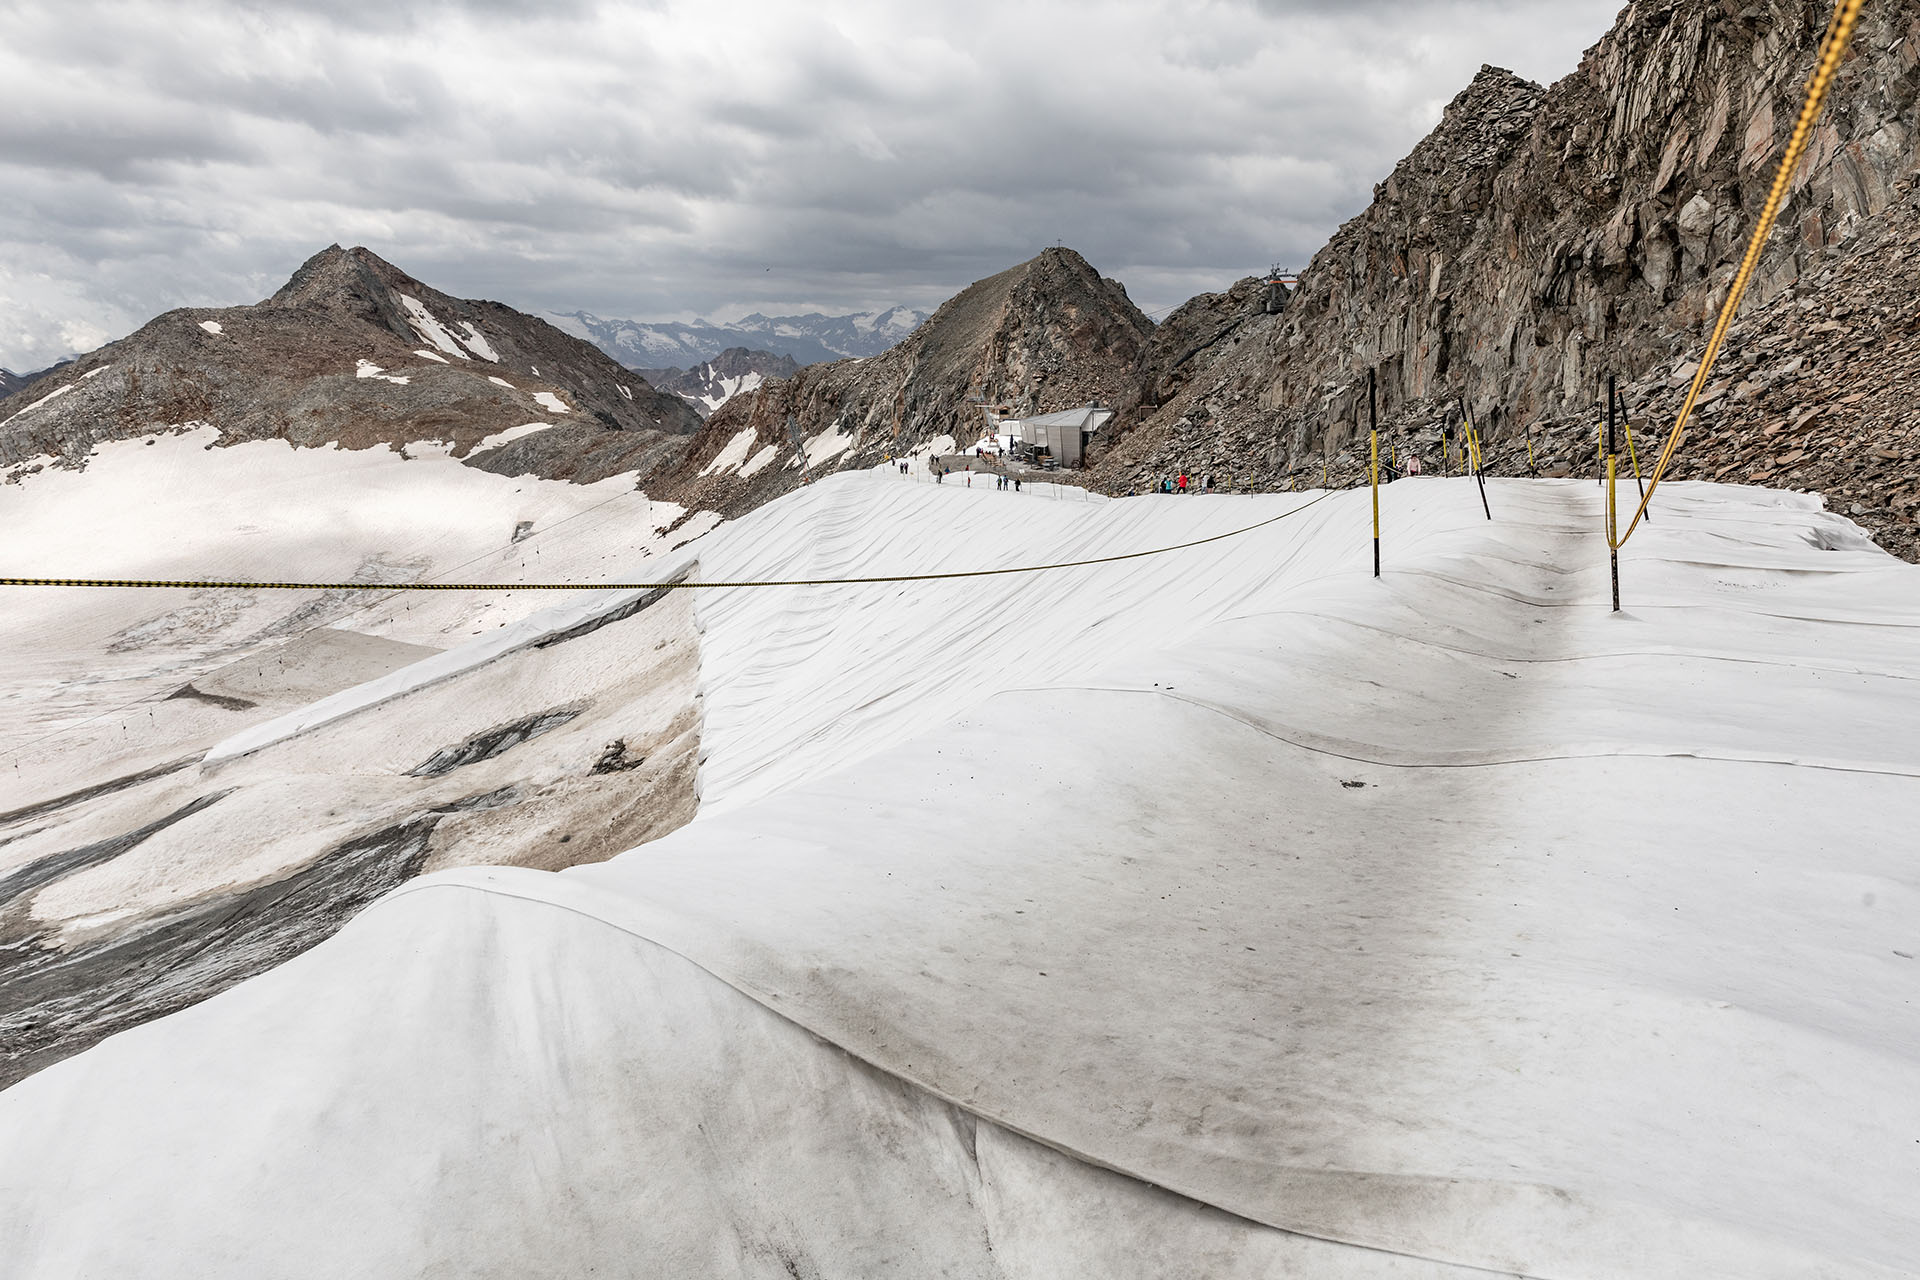 Um das weitere Abschmelzen des Stubaier Gletschers zu verhindern, wird Eis und Schnee im Sommer mit Planen abgedeckt.